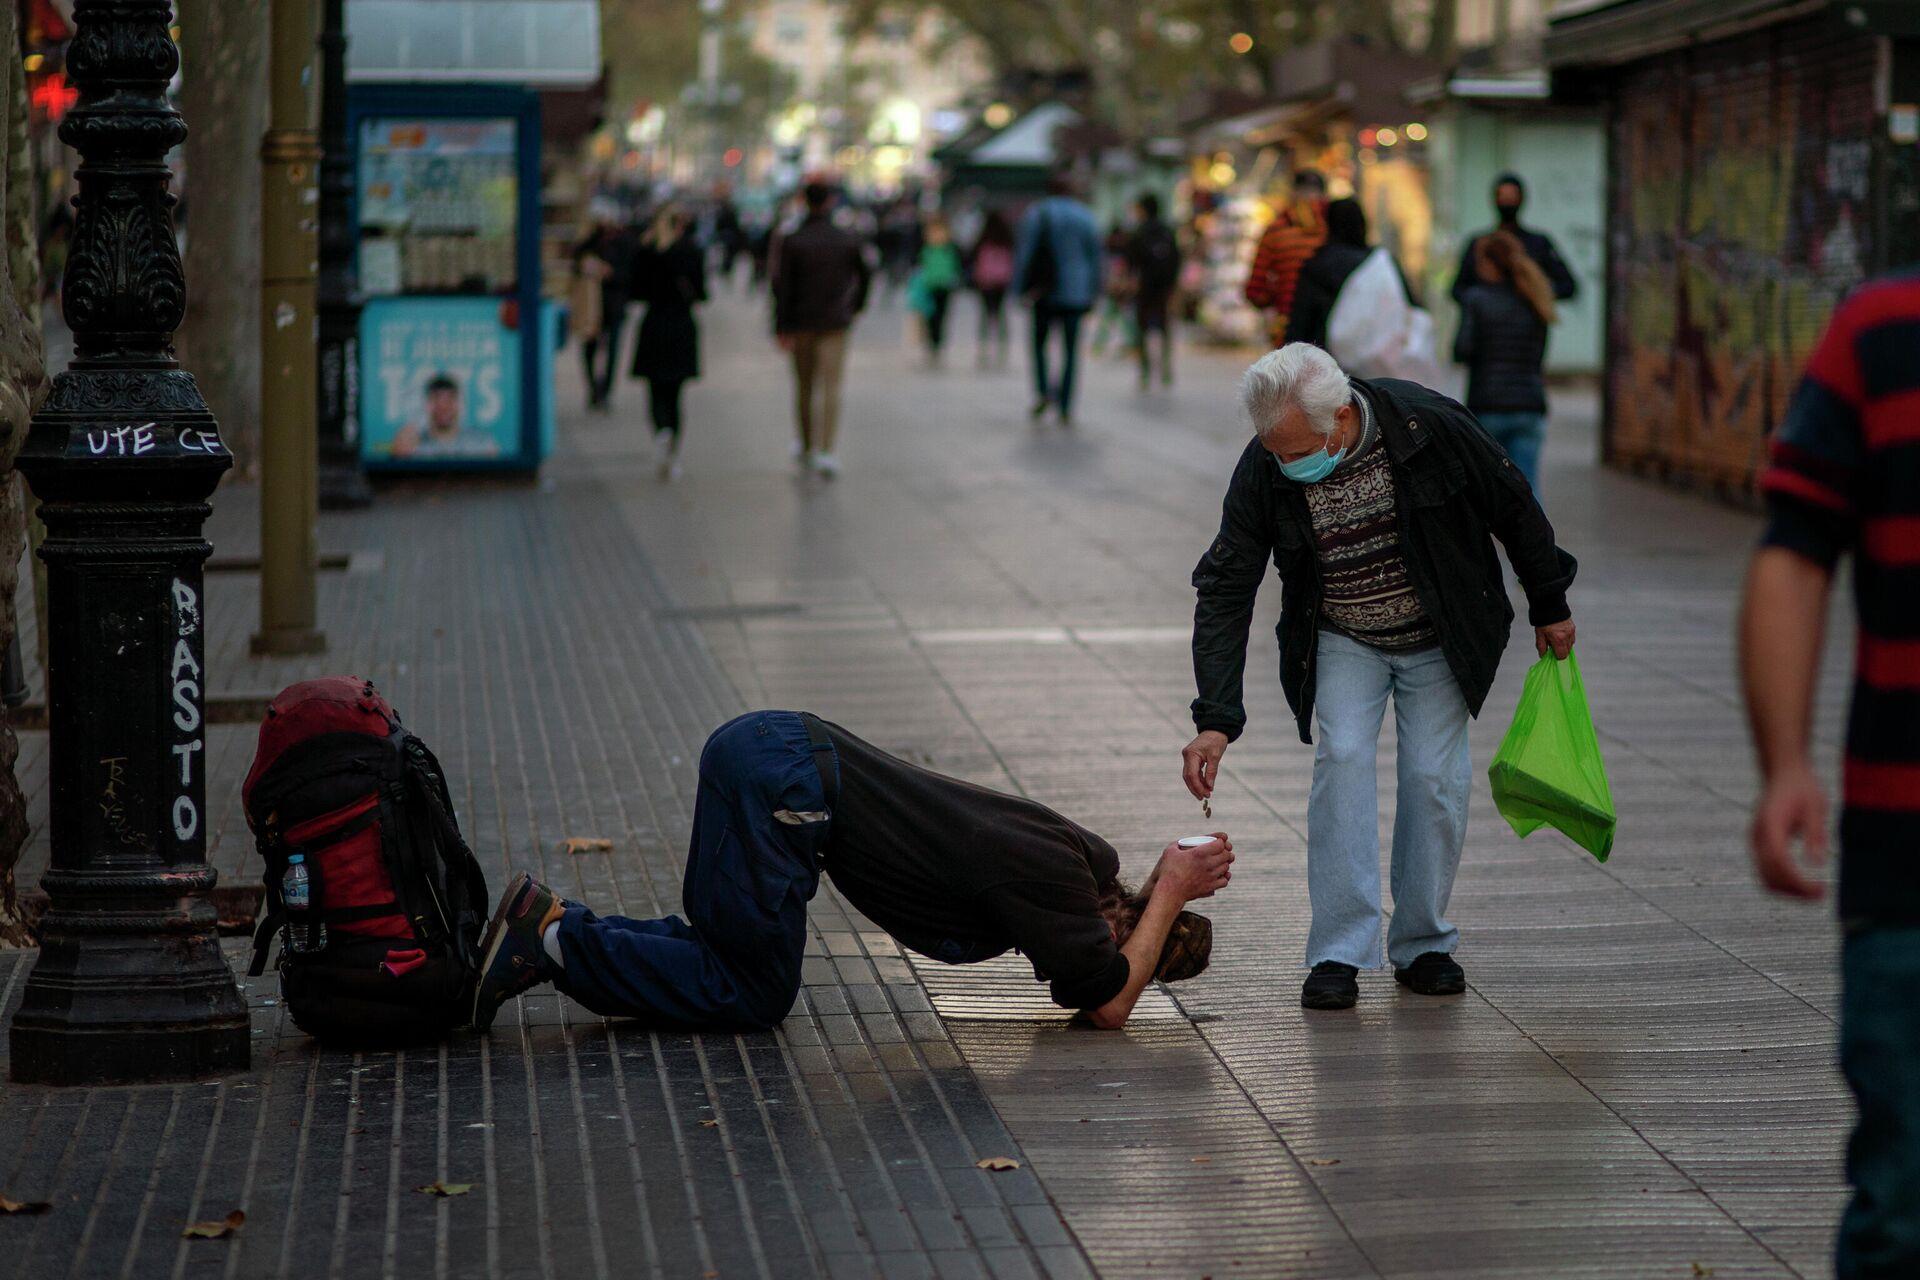 Мужчина подает милостыню нищему на бульваре Рамблас в Барселоне - РИА Новости, 1920, 17.11.2020